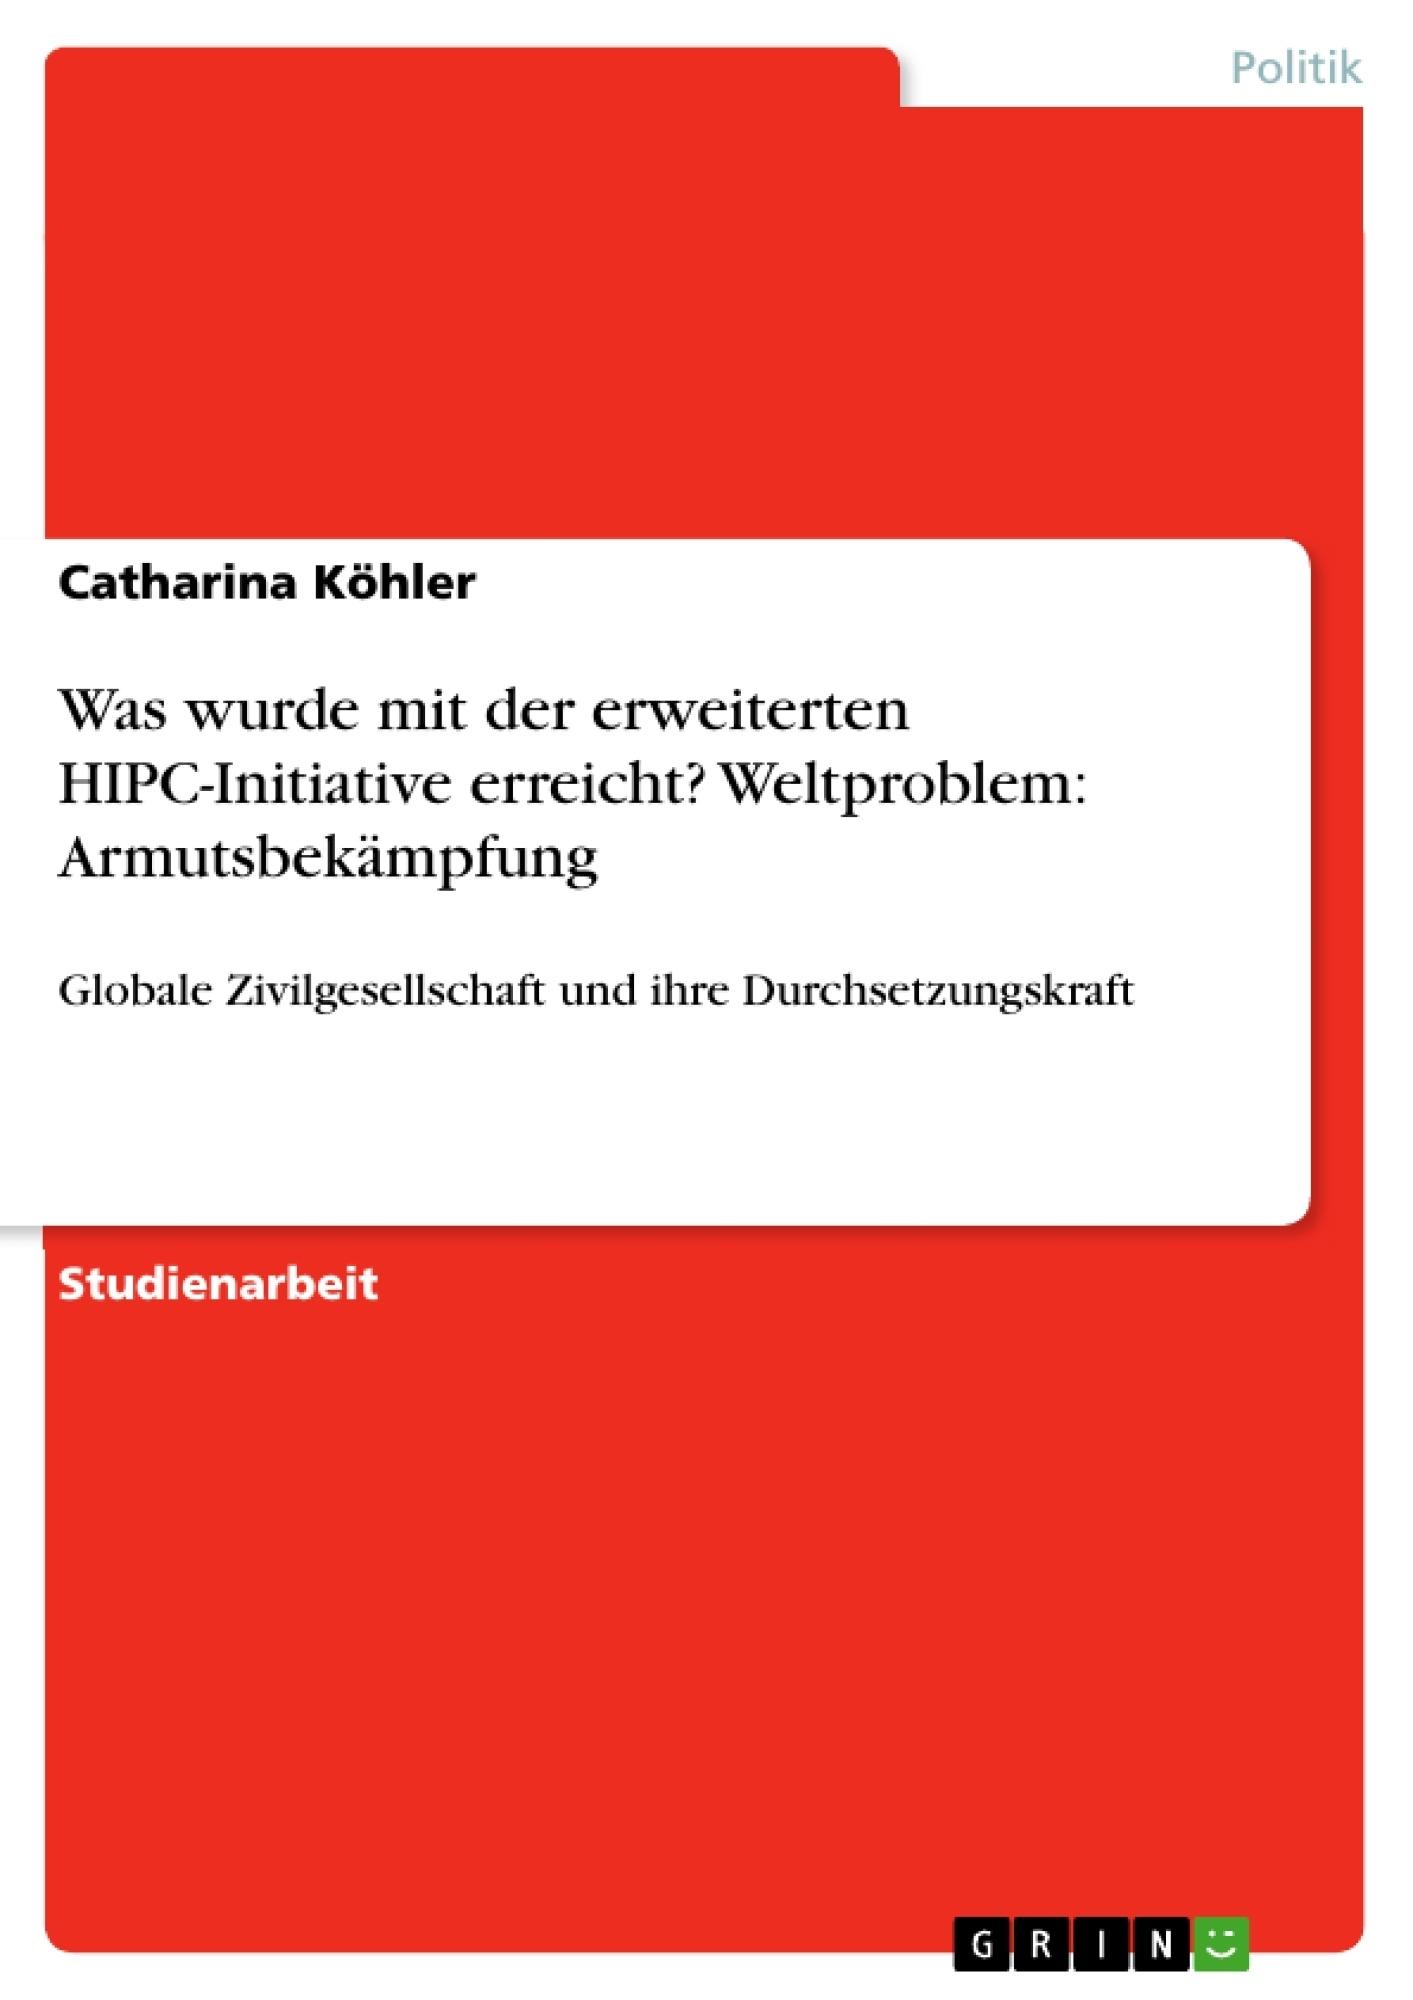 Titel: Was wurde mit der erweiterten HIPC-Initiative erreicht? Weltproblem: Armutsbekämpfung